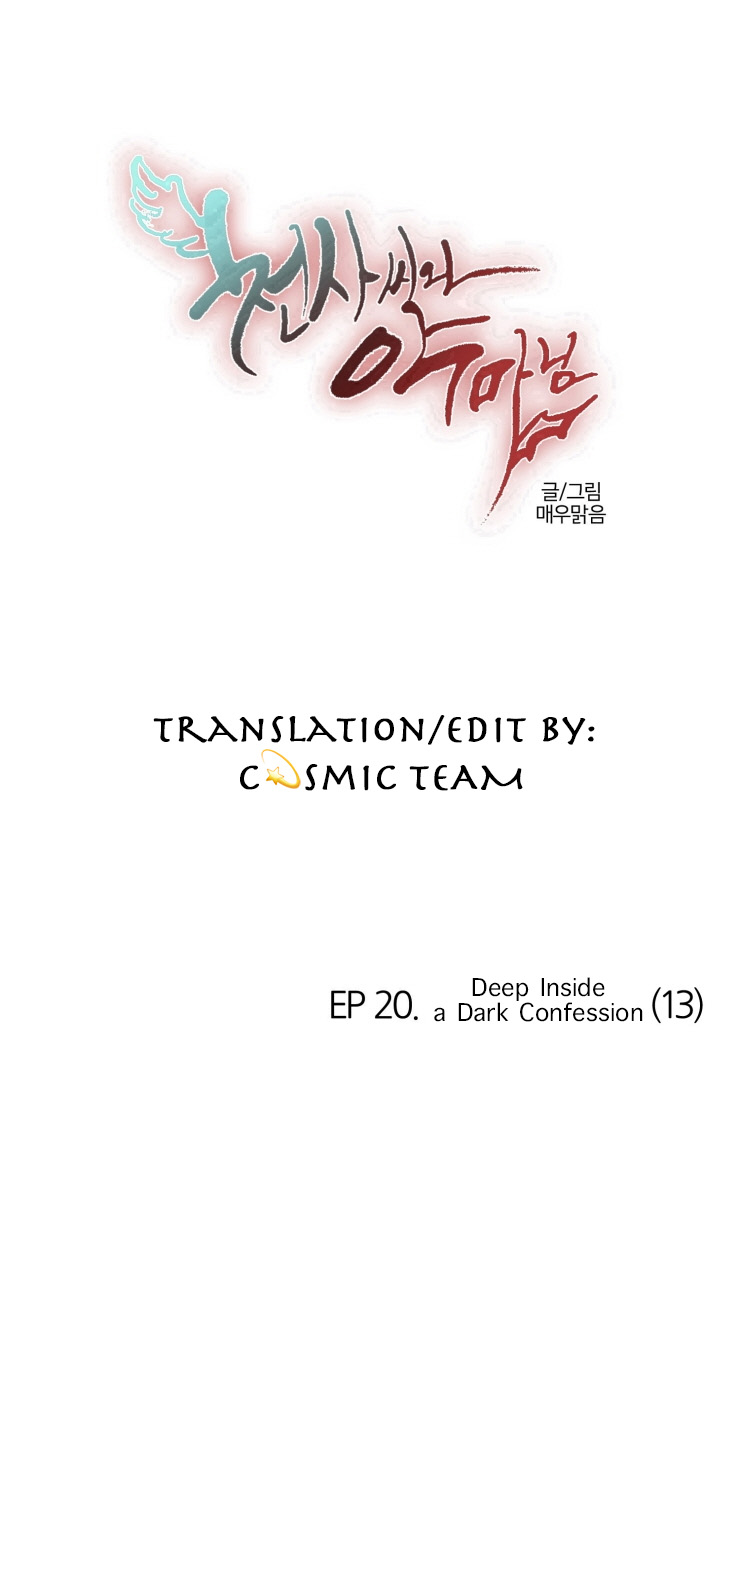 https://manga.mangadogs.com/comics/pic2/58/23610/844755/c432270cd05bd189ce6daccc55bdf650.jpg Page 1